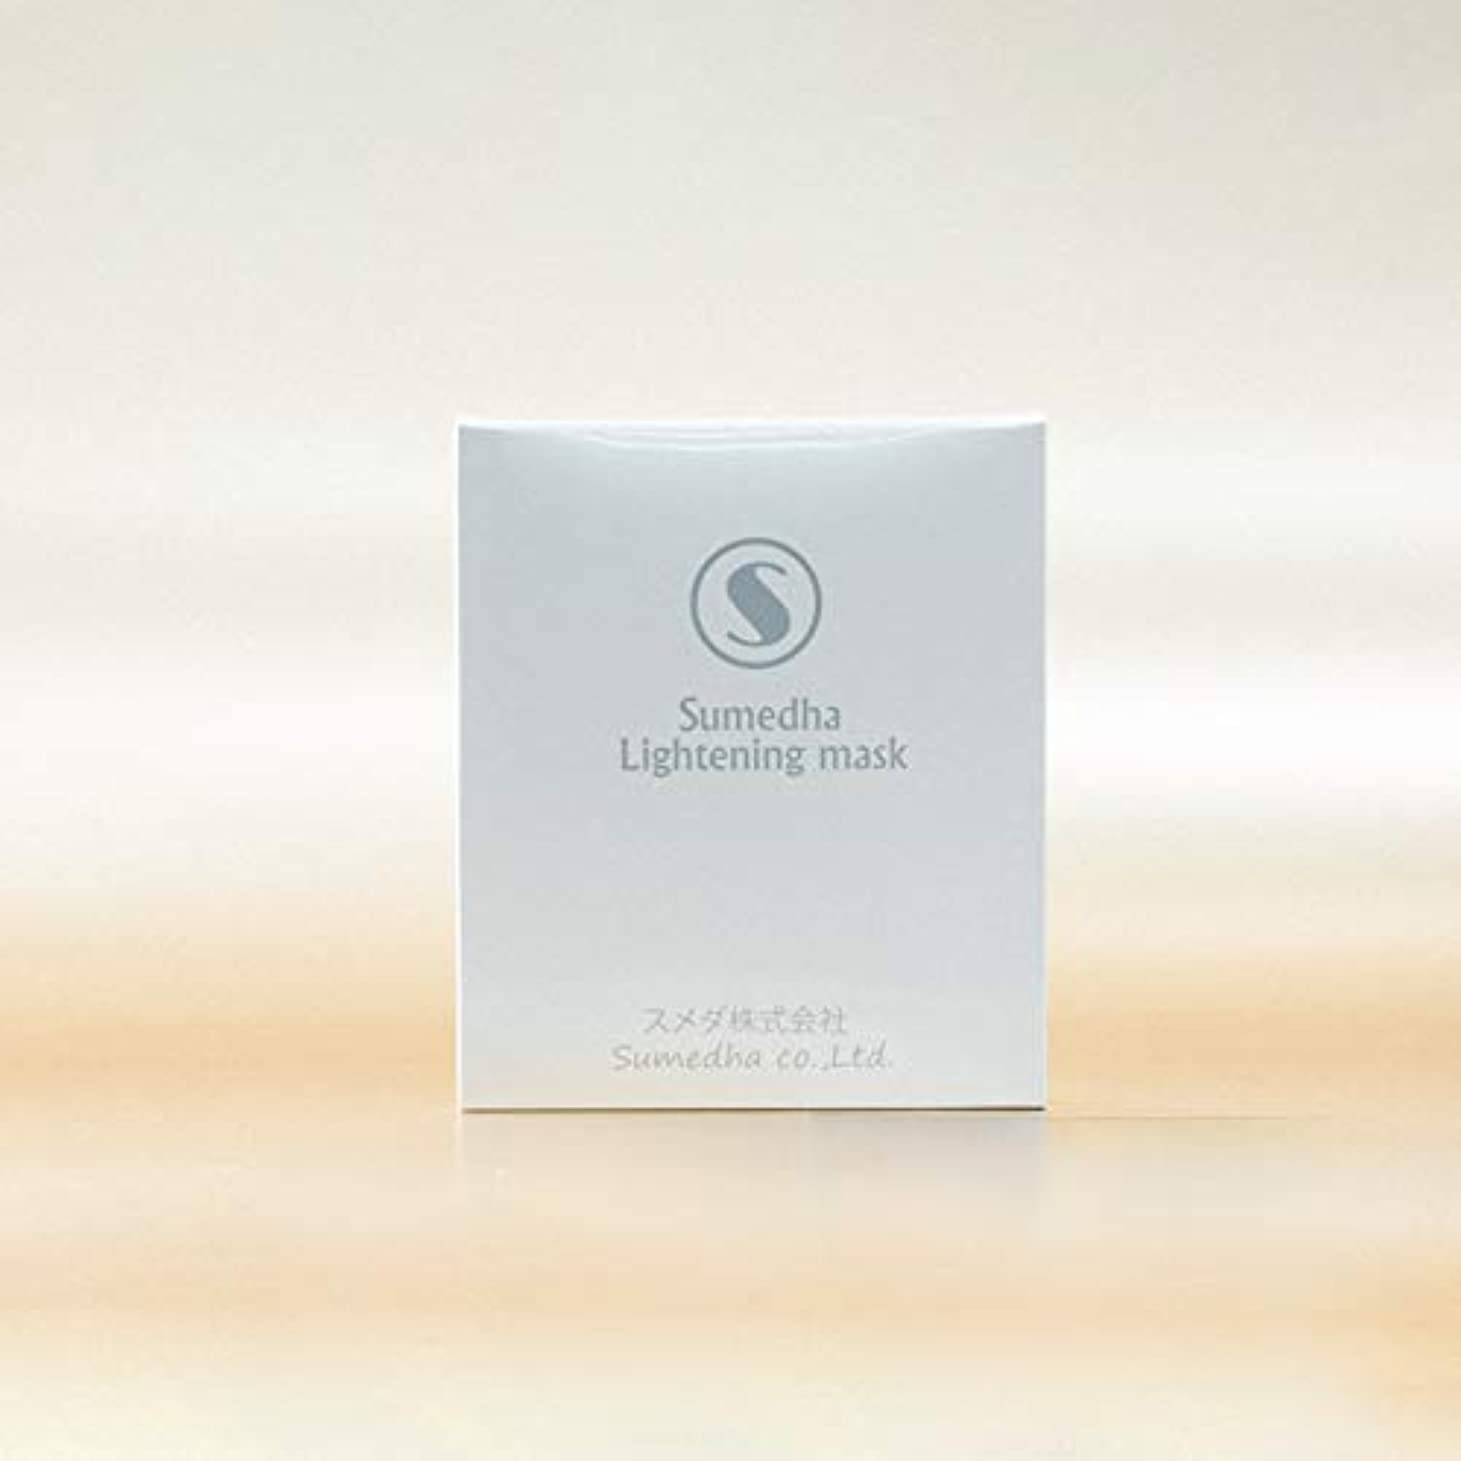 全滅させる一貫した鈍いフェイスマスク Sumedha パック 保湿マスク 日本製 マスク フェイスパック 3枚入り 美白 美容 アンチセンシティブ 角質層修復 抗酸化 保湿 補水 敏感肌 発赤 アレルギー緩和 コーセー (美白)